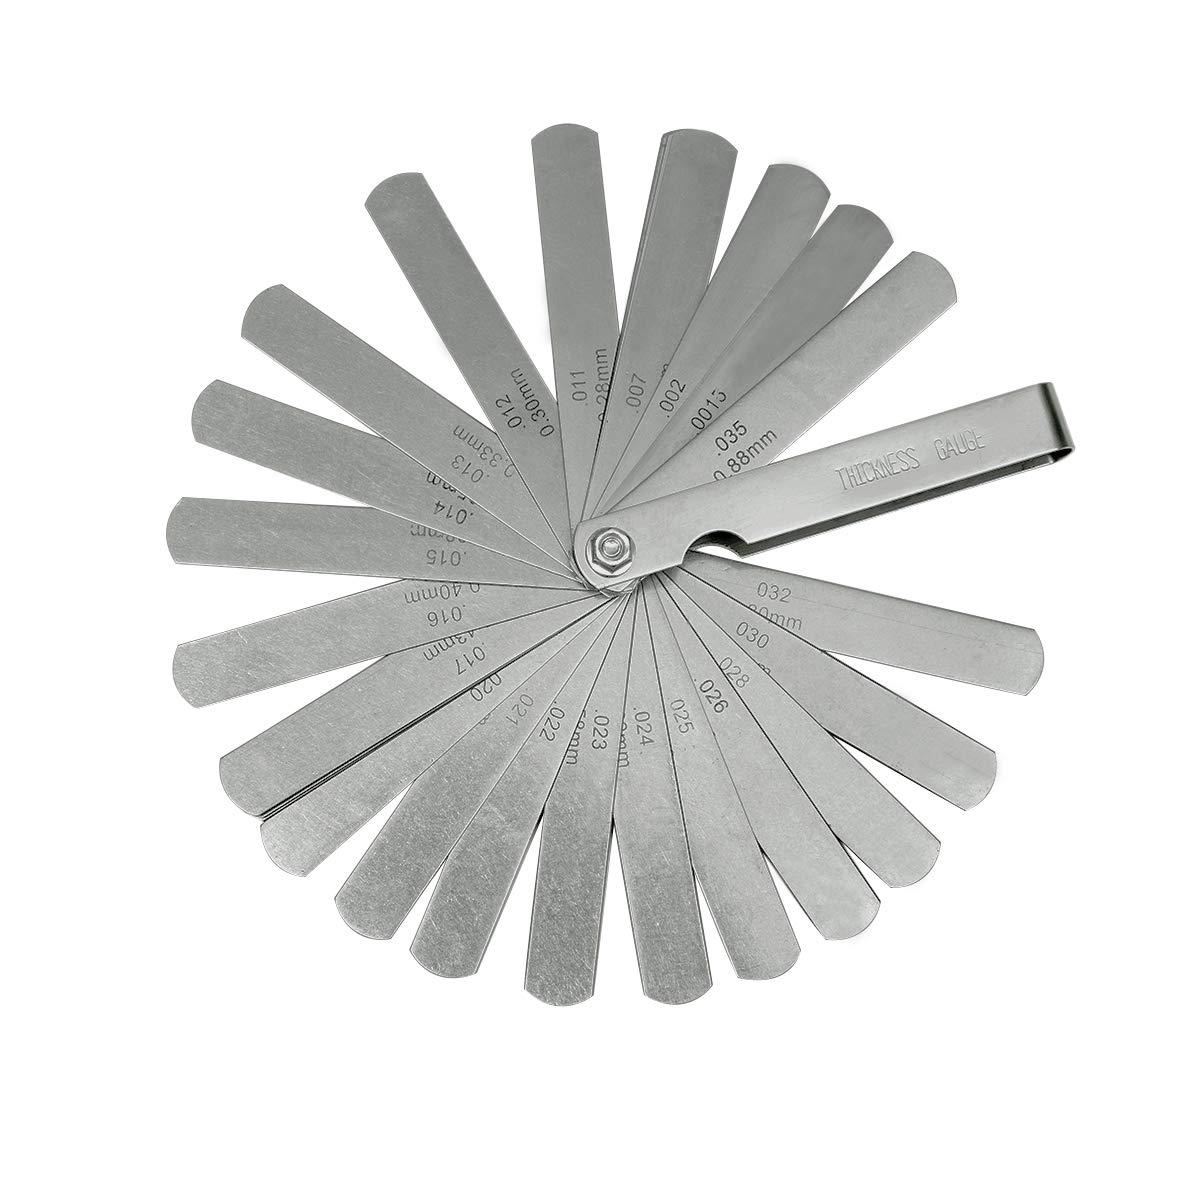 Meowoo Jauge d'é paisseur en acier Feeler Gauge Thickness gauge Outil de mesure d'é cart mé trique & impé rial double marquage, 0.04mm(0.0015 in)-0.88mm(0.035 in), 32 lames (1 PC) UK-Meo-Steel Feeler Gauge-1PC